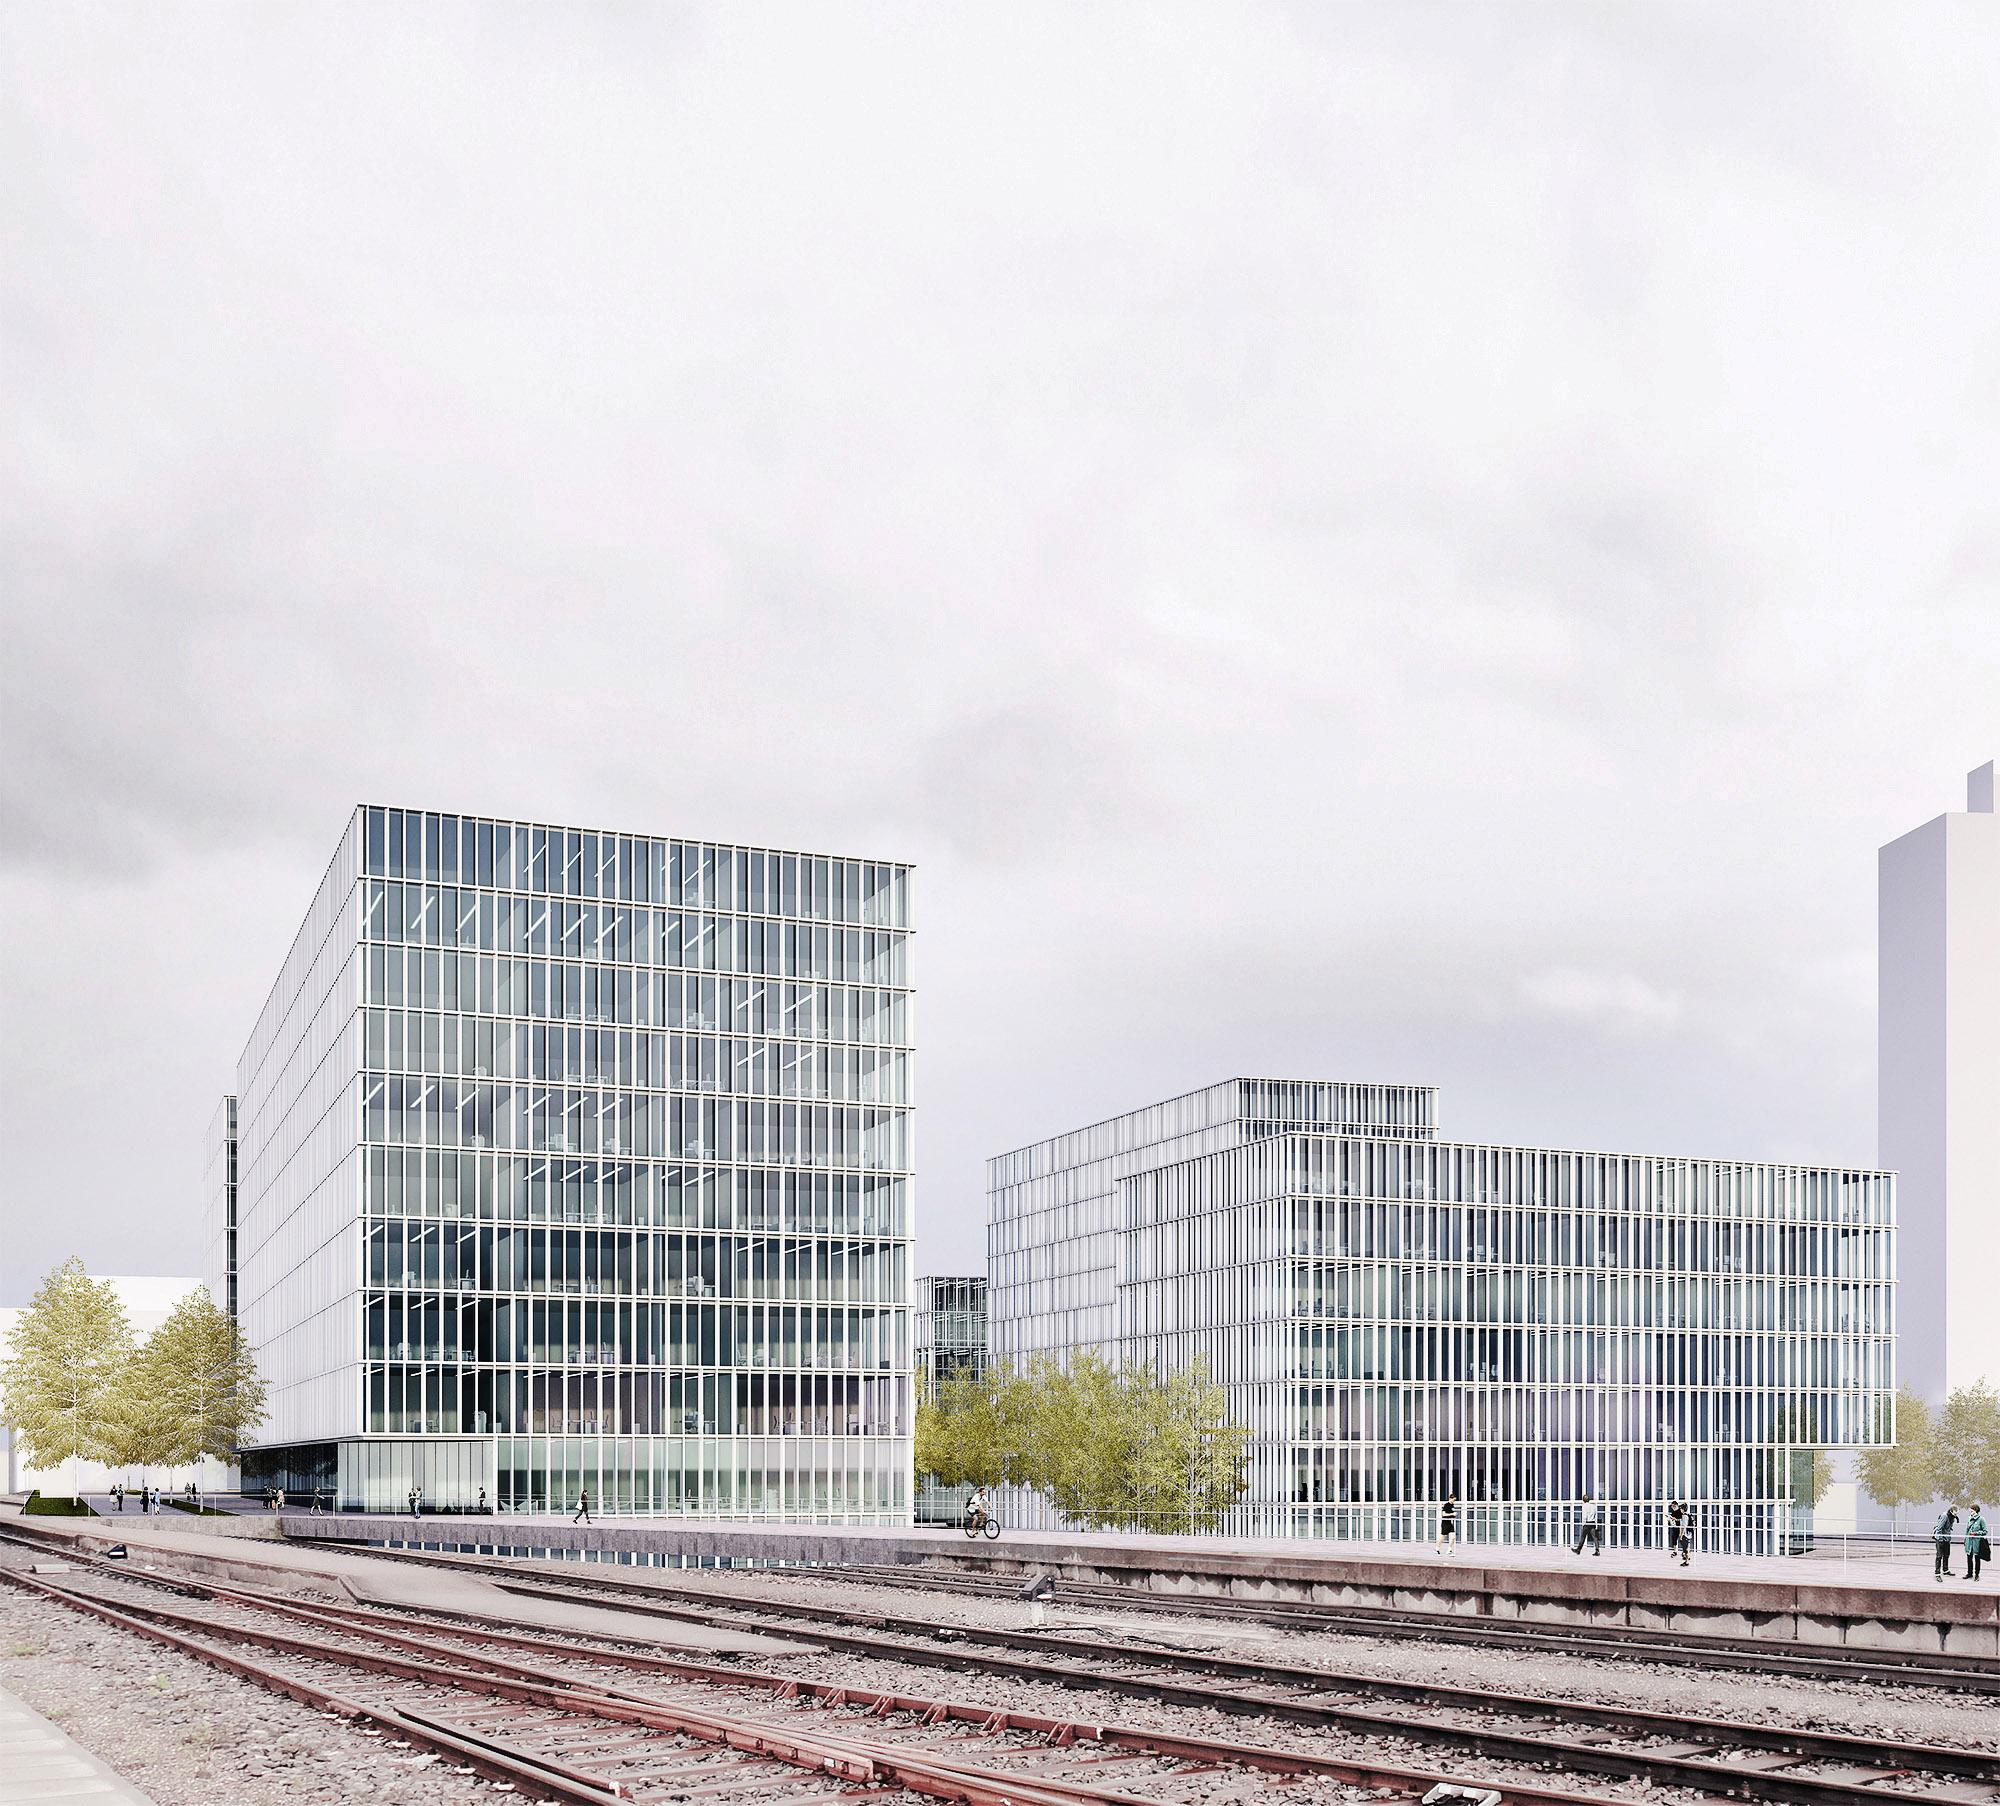 mojoimages architekturvisualisierung Riegler Riewe Wettbewerb Bildungscampus Wien erter Preis